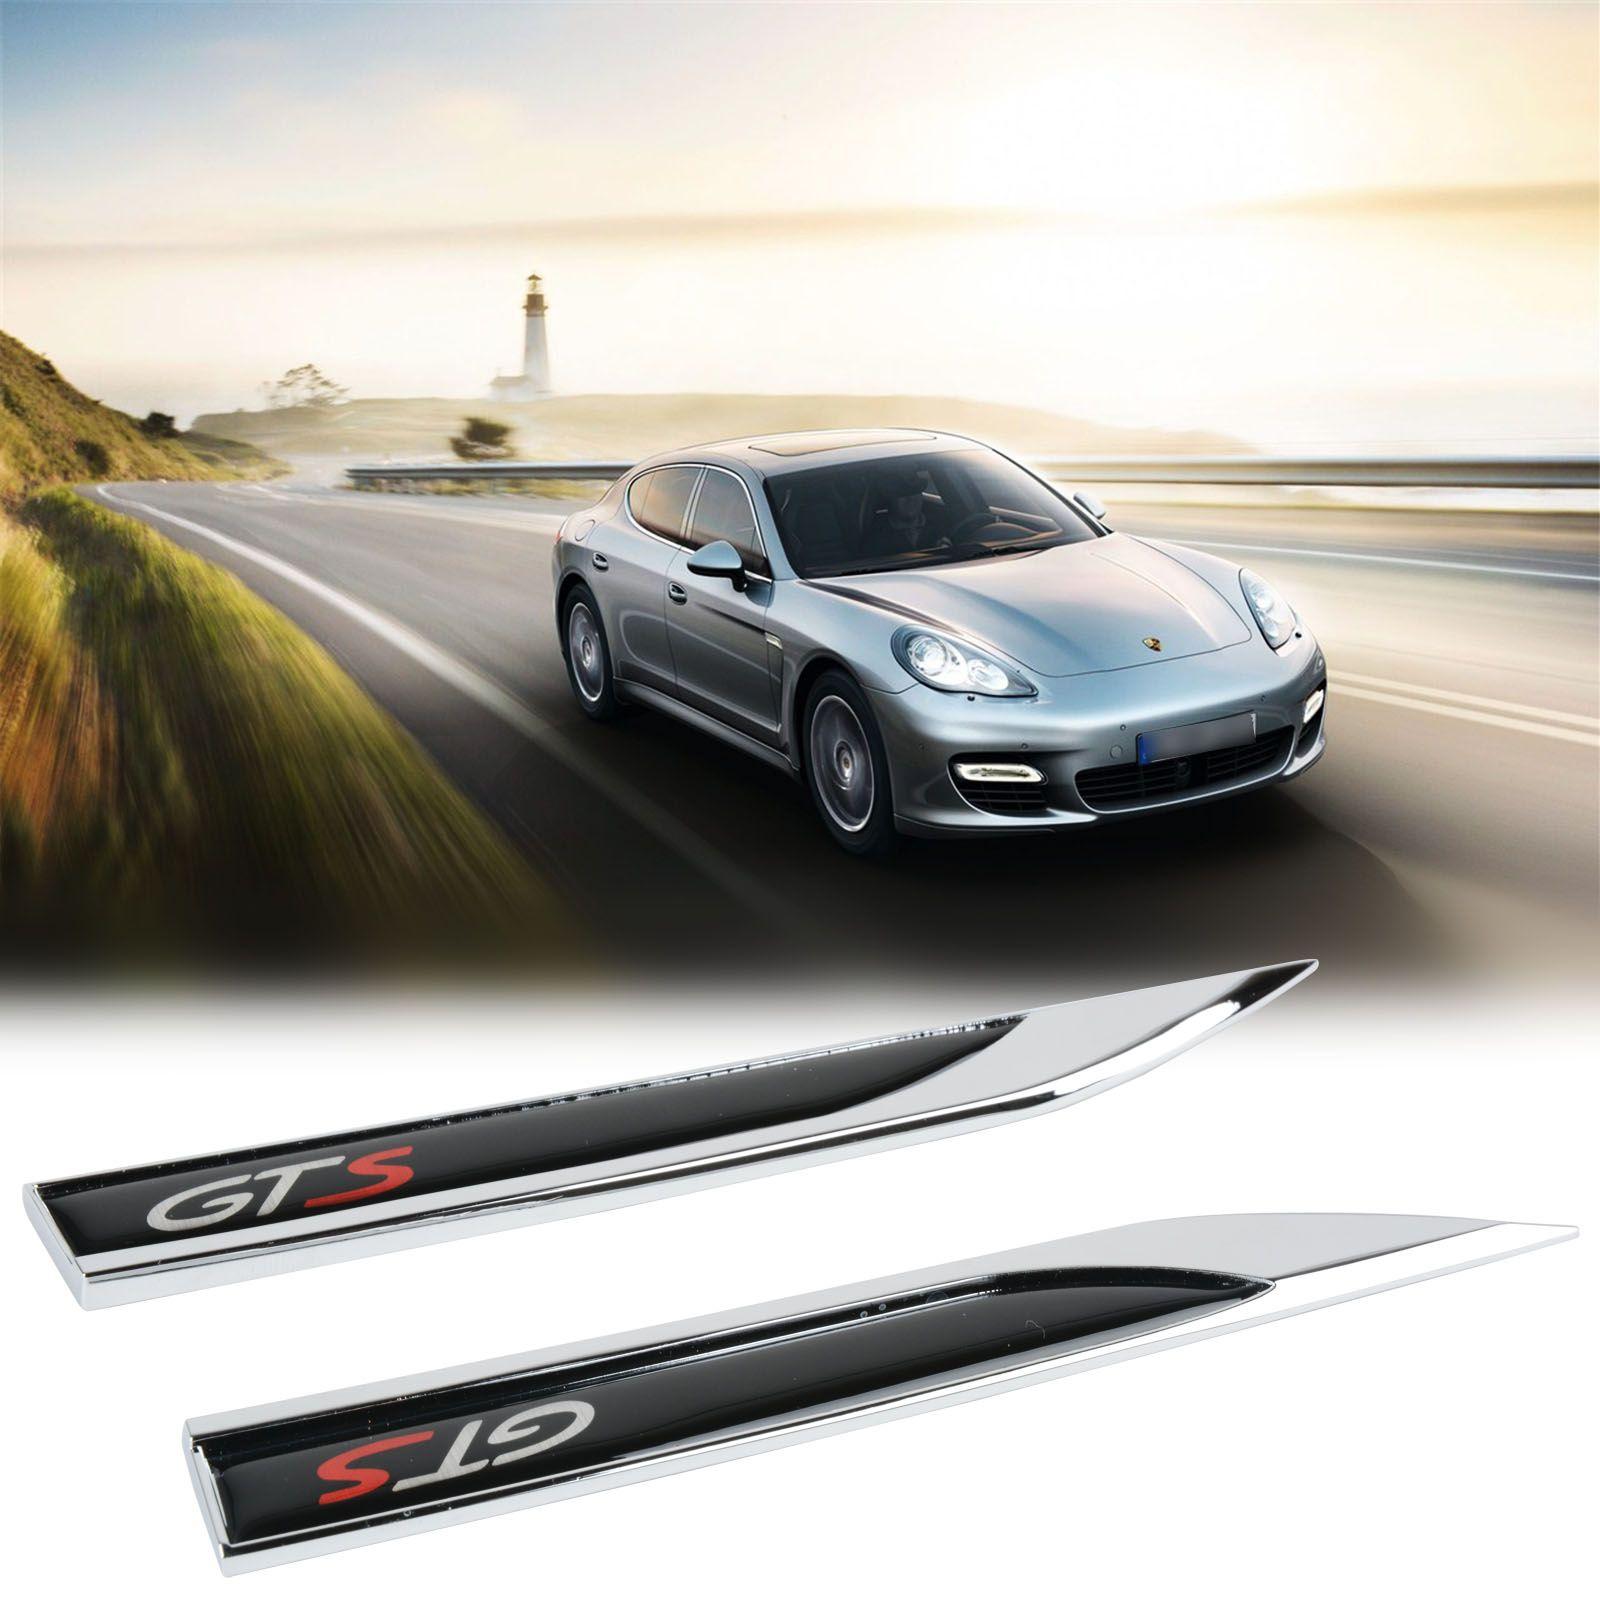 2pcs Gts Metal Car Side Fender Skirt Emblem Badge Sticker Decal For Porsche